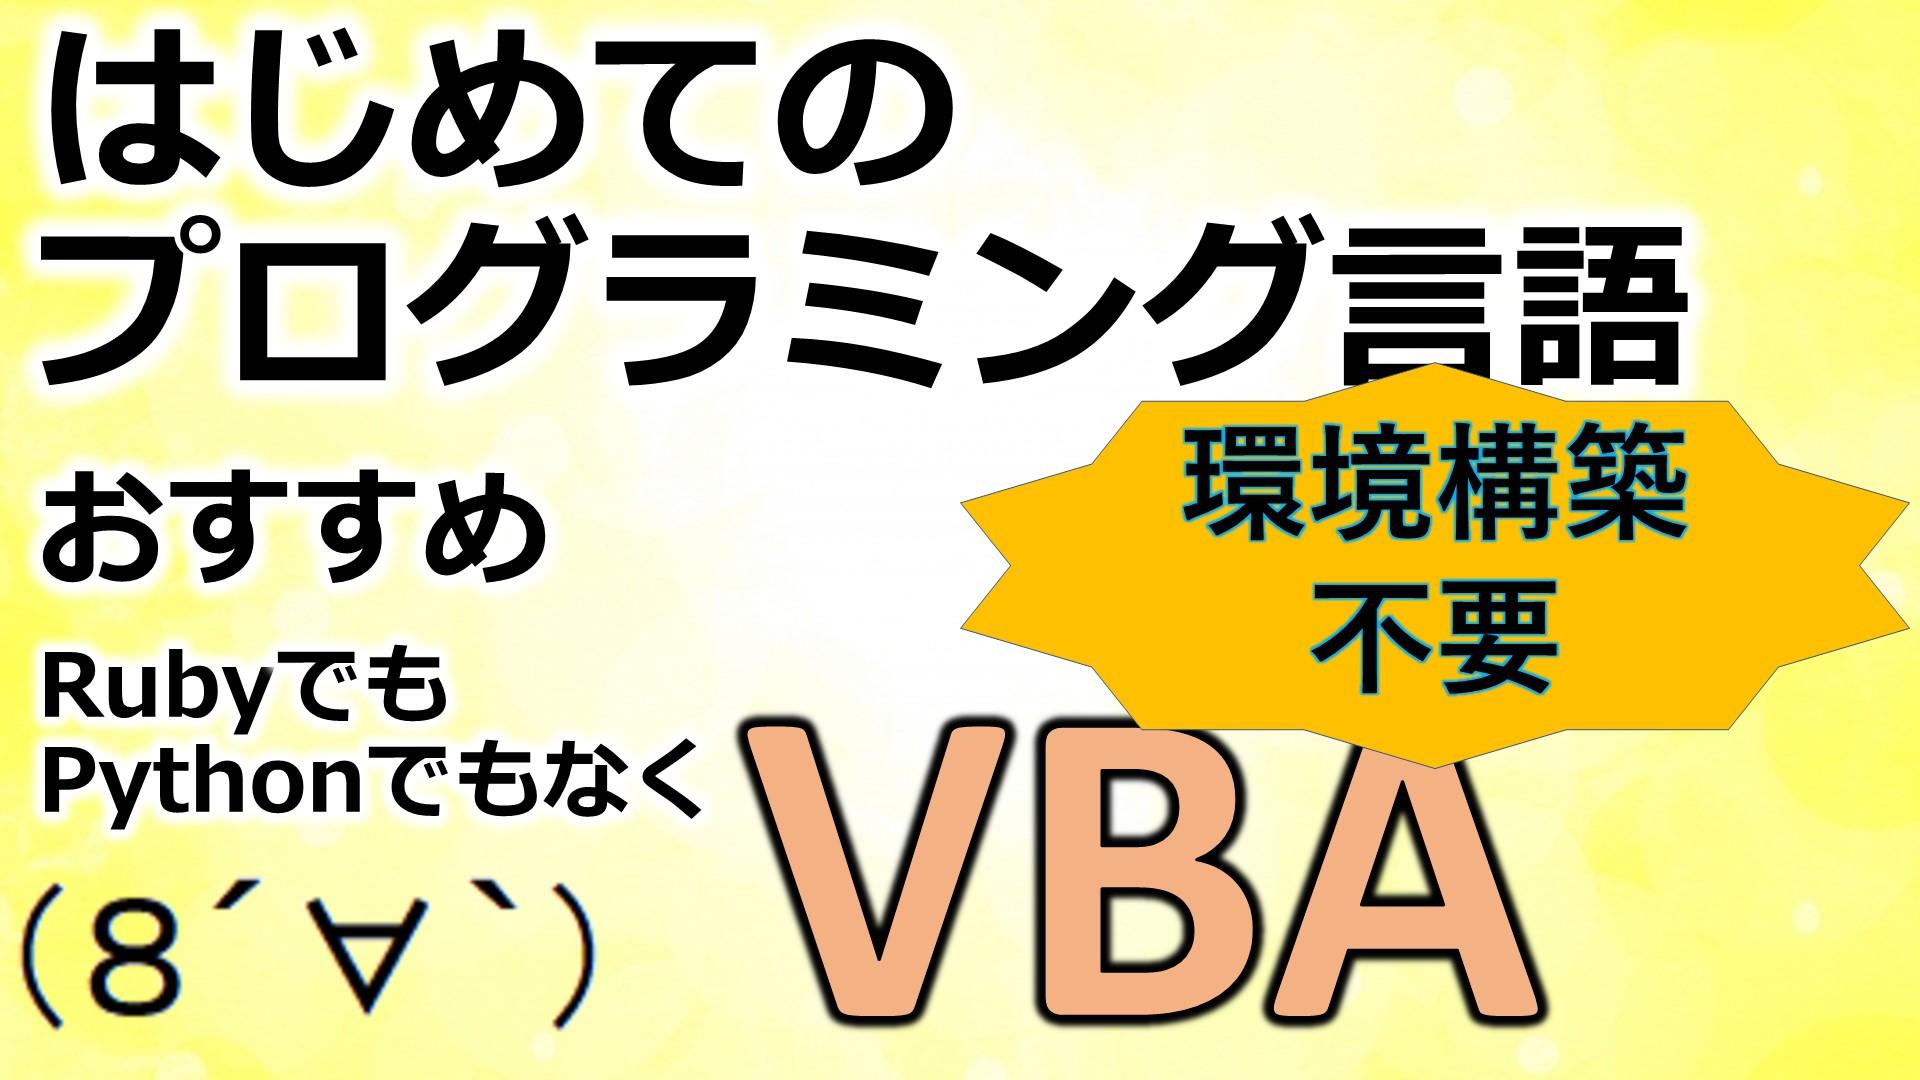 はじめてのプログラミング言語おすすめはVBA